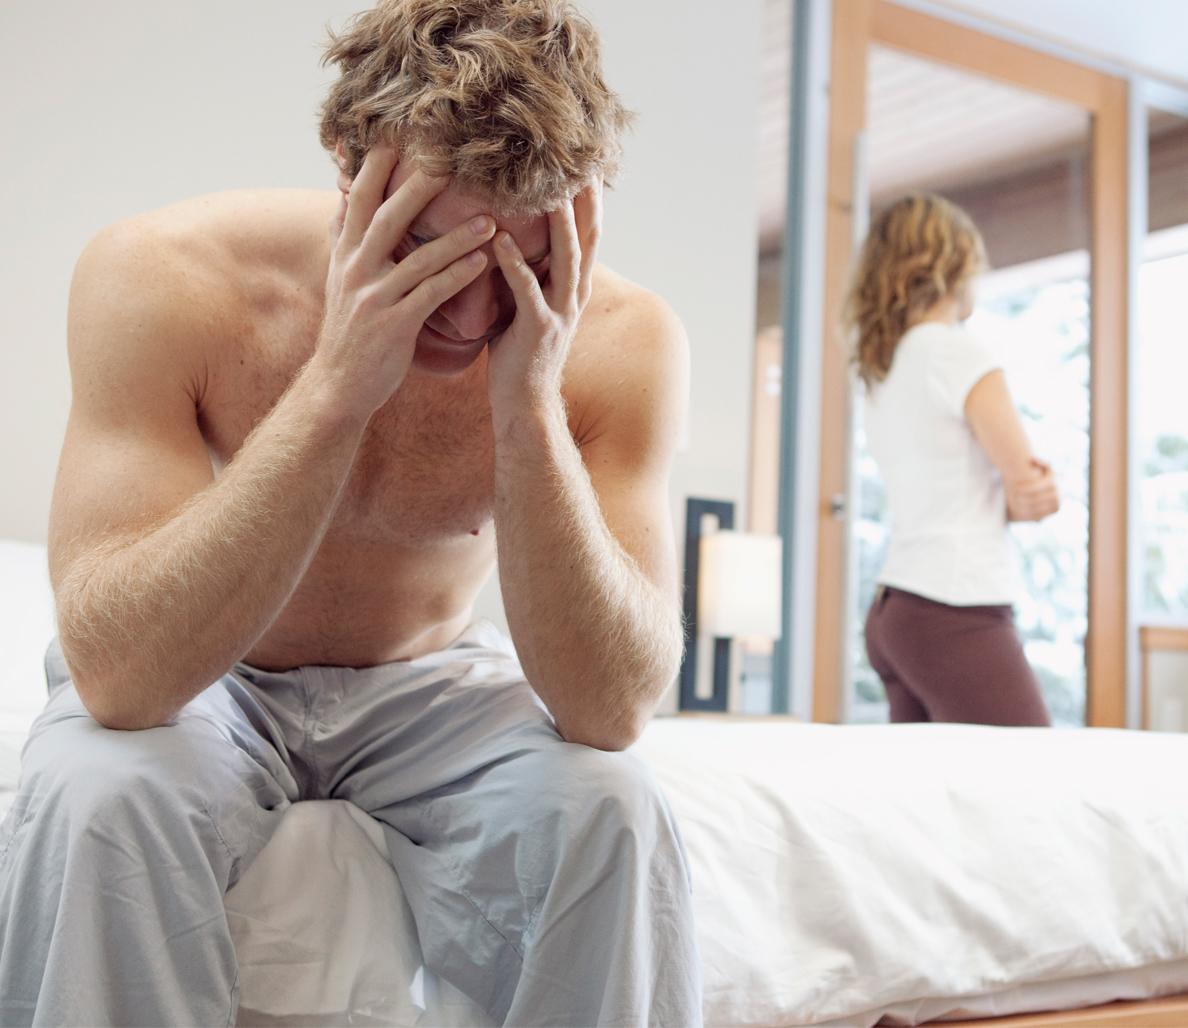 Как снизить либидо сексуальное влечение у женщин и мужчин